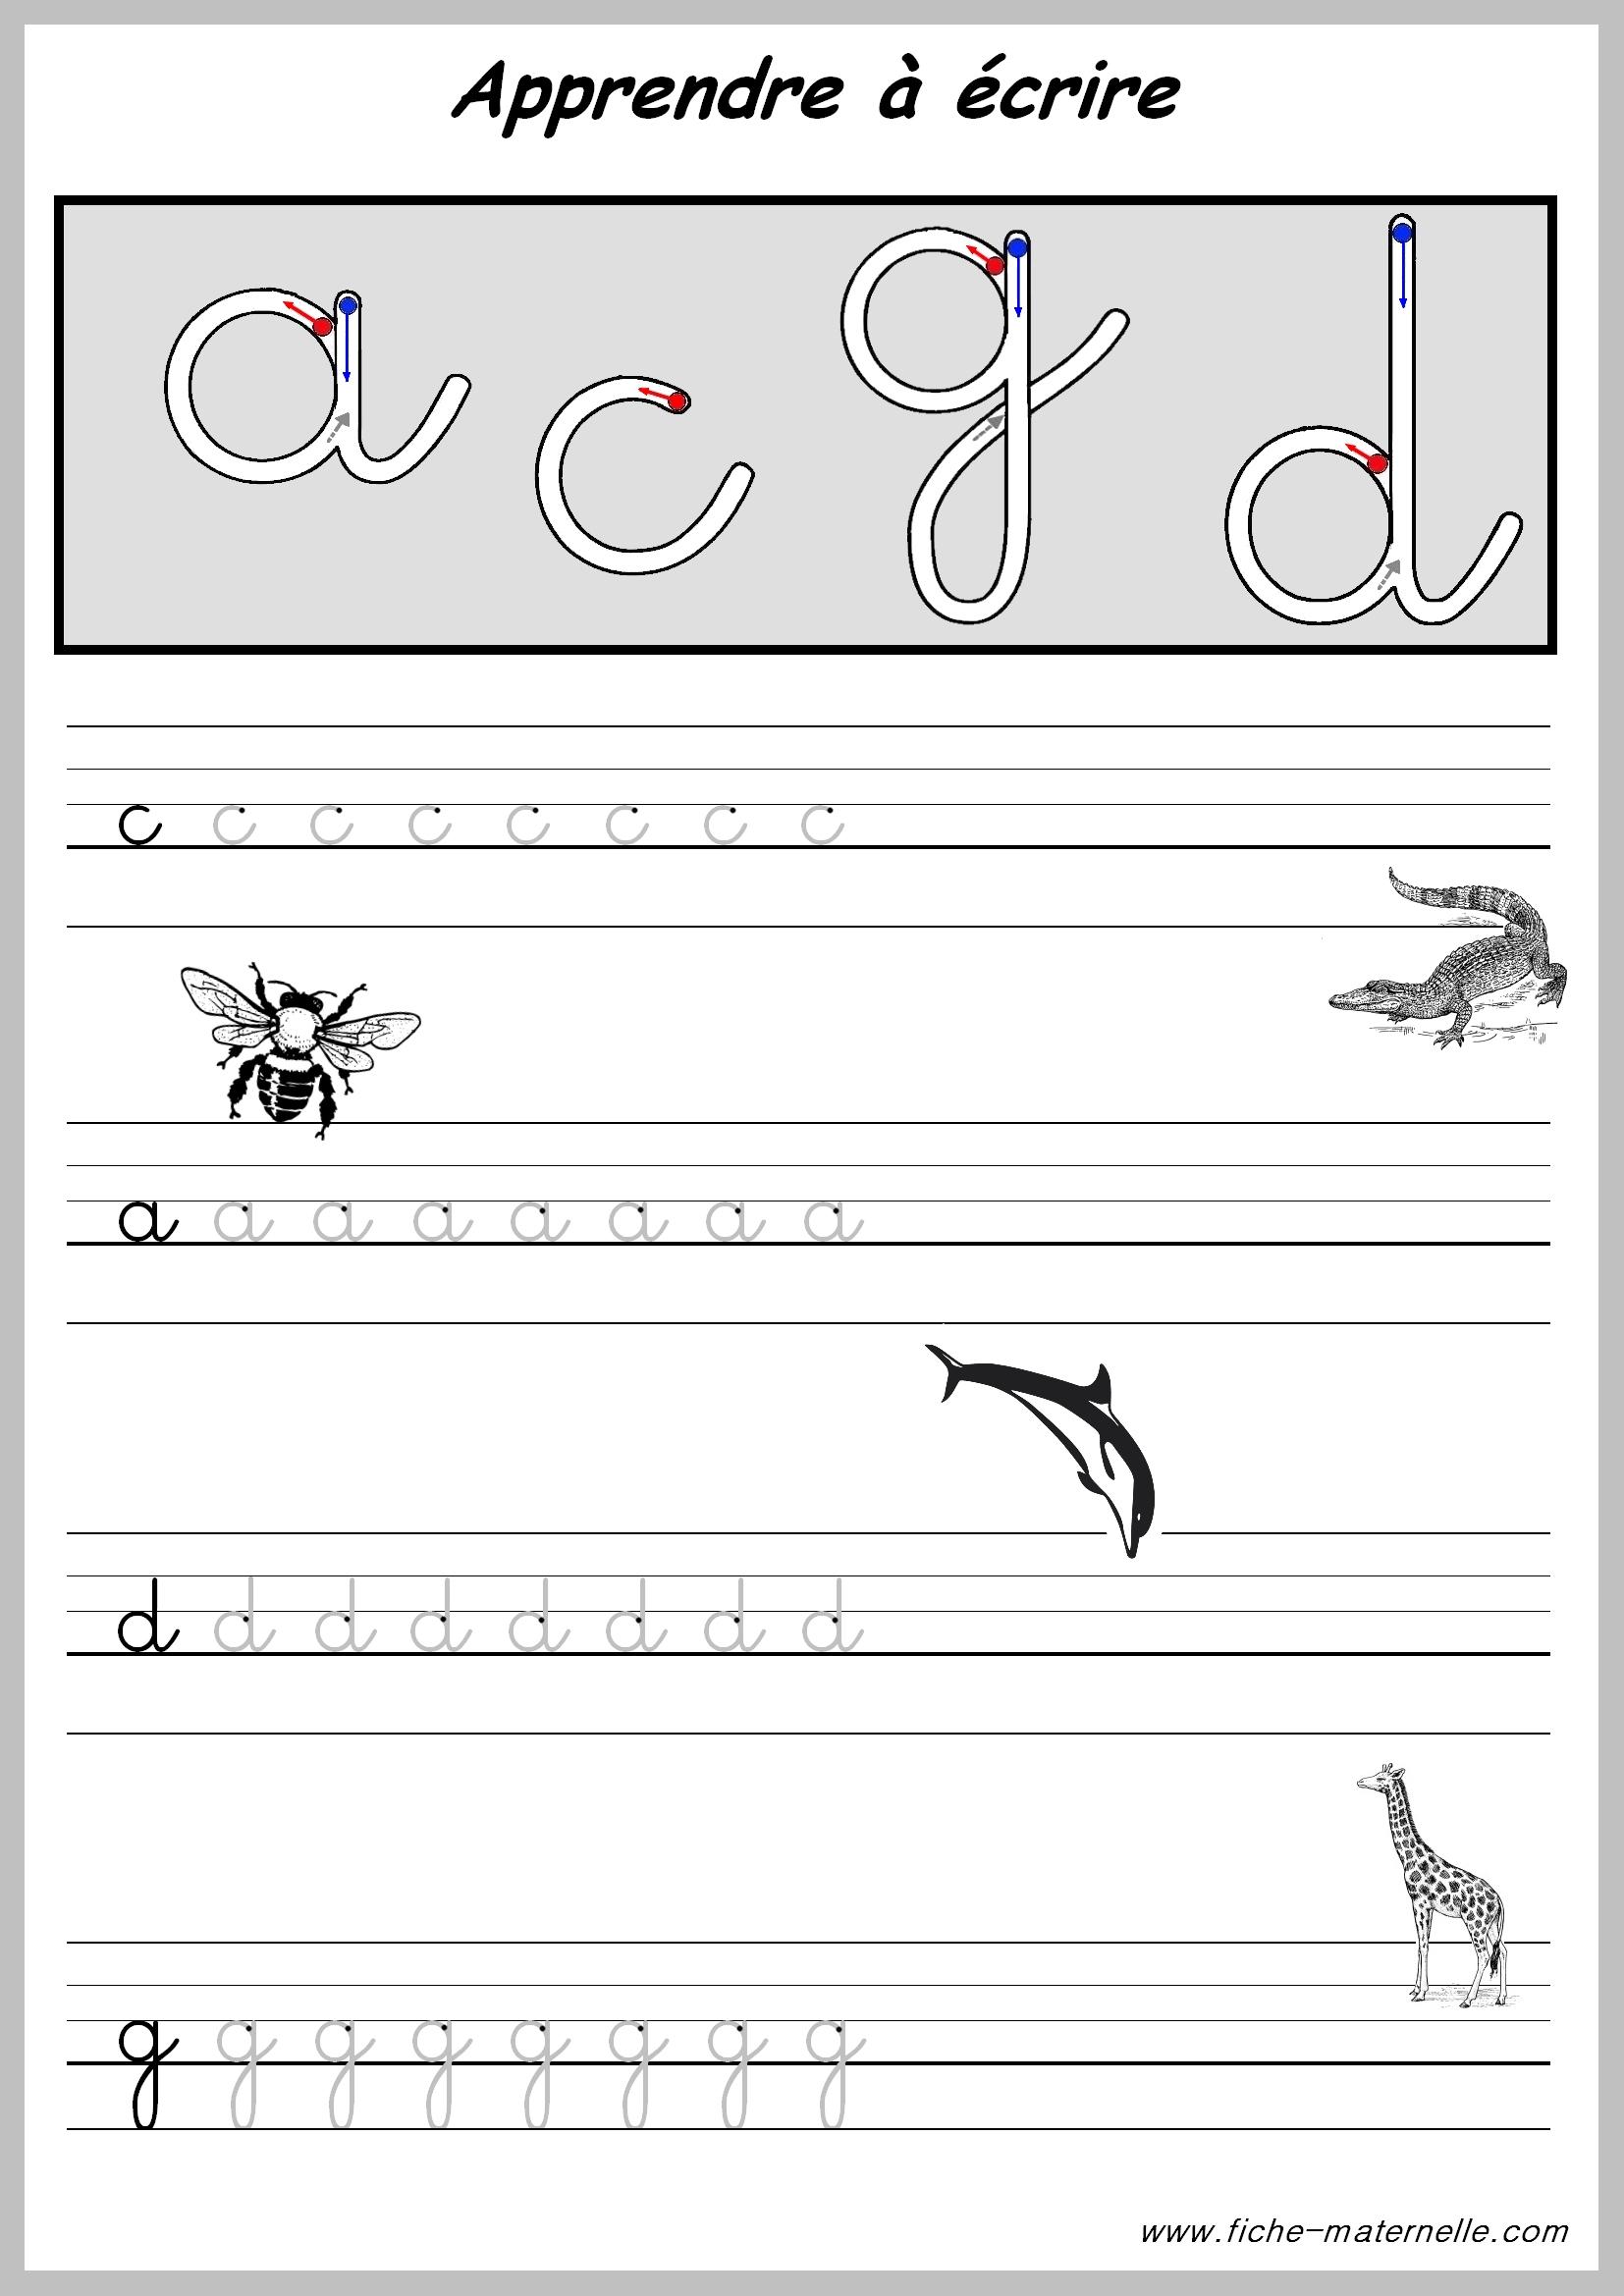 Exercices Pour Apprendre A Ecrire. encequiconcerne Apprendre Les Lettres Maternelle